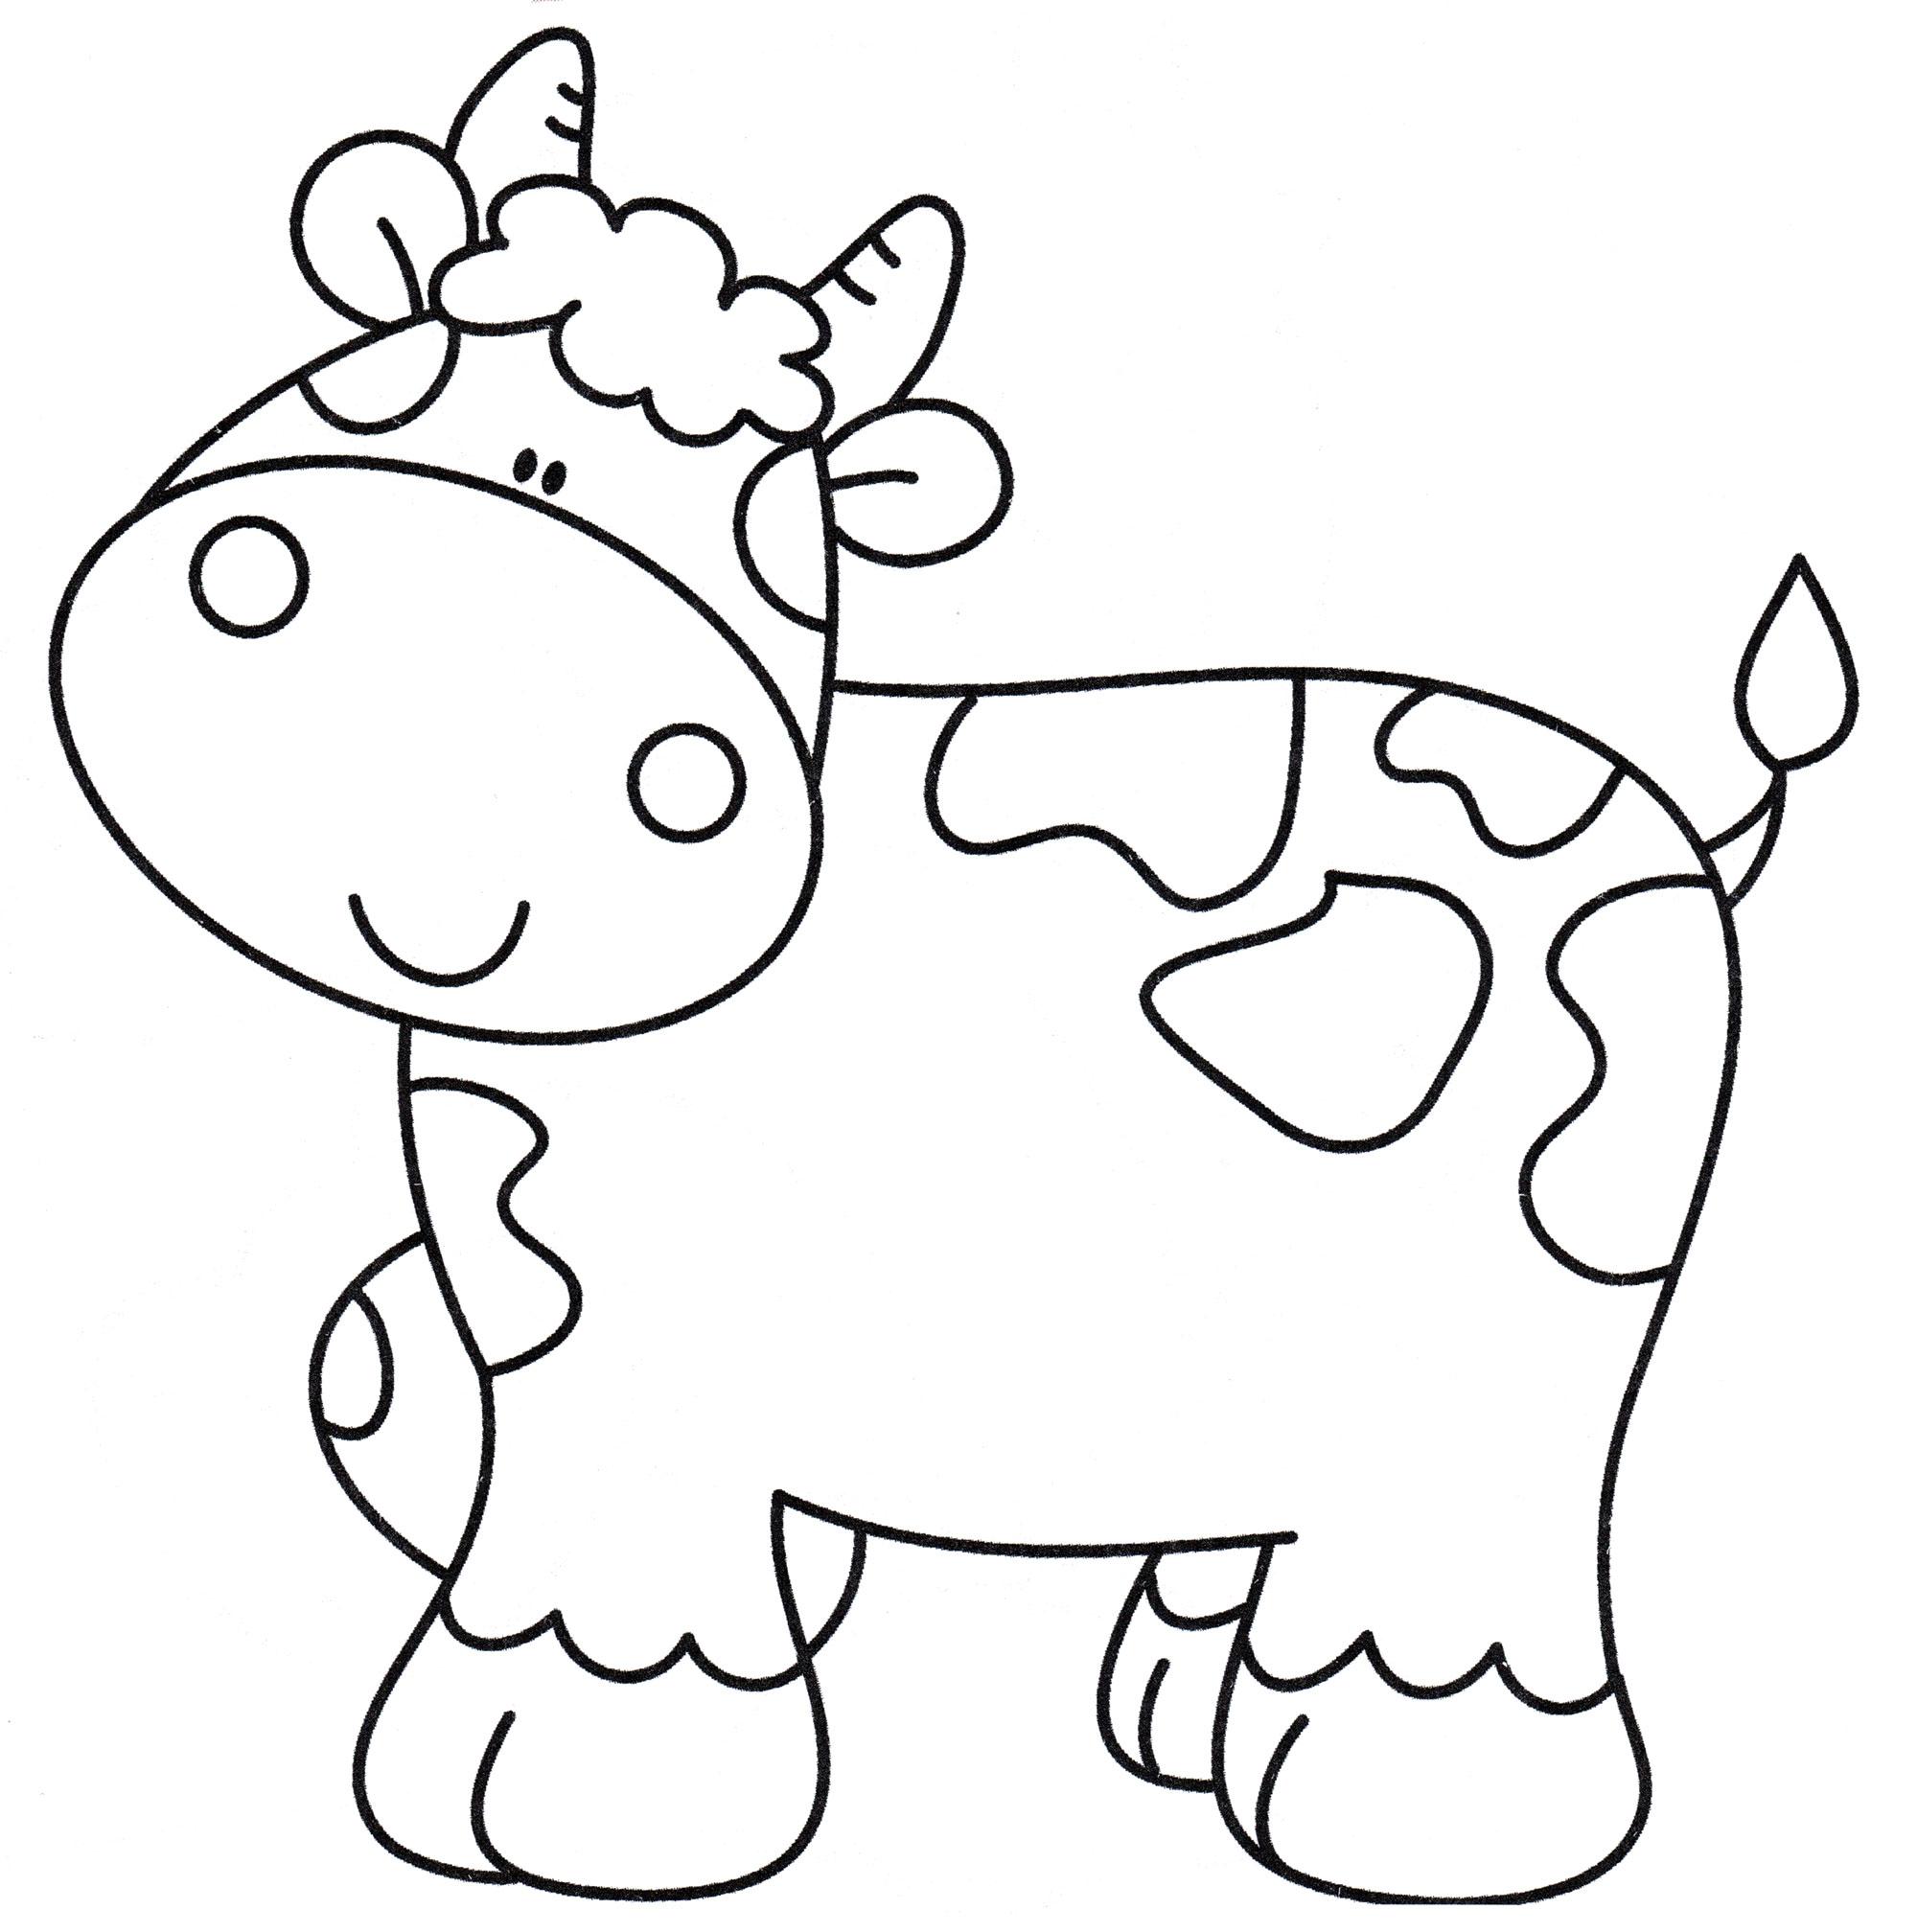 Раскраска Красивая коровка - распечатать бесплатно